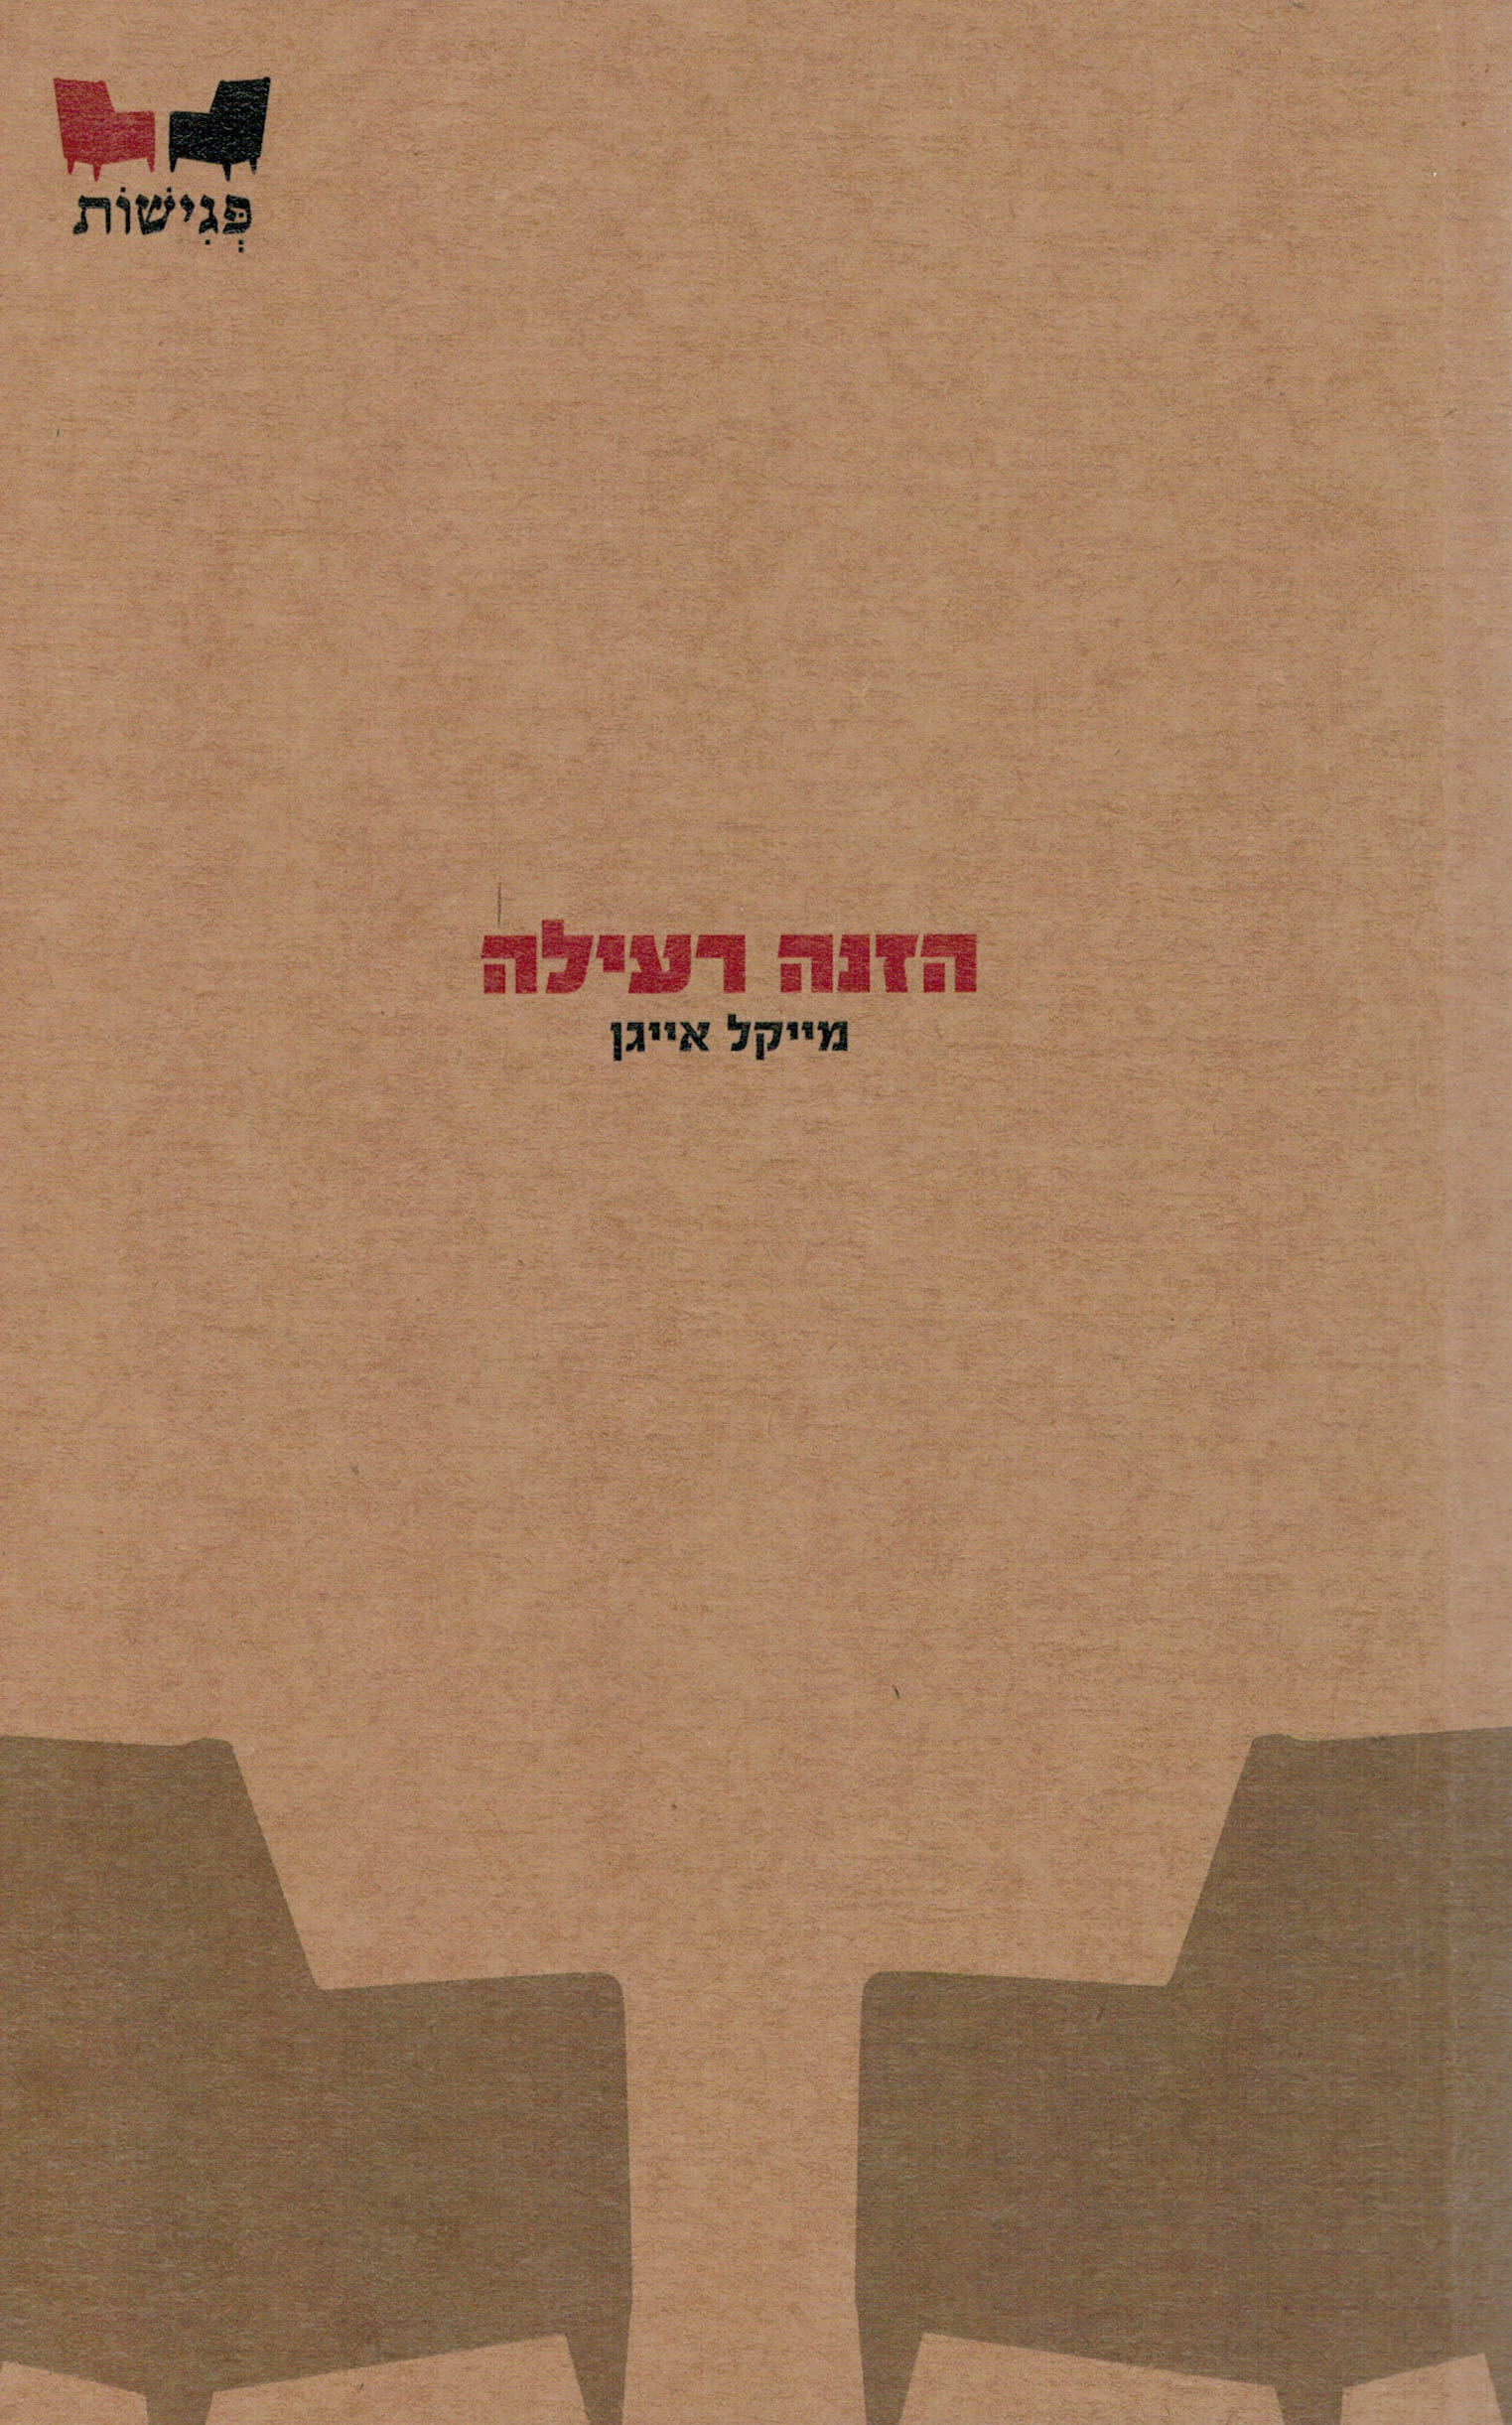 הזנה רעילה / מייקל אייגן